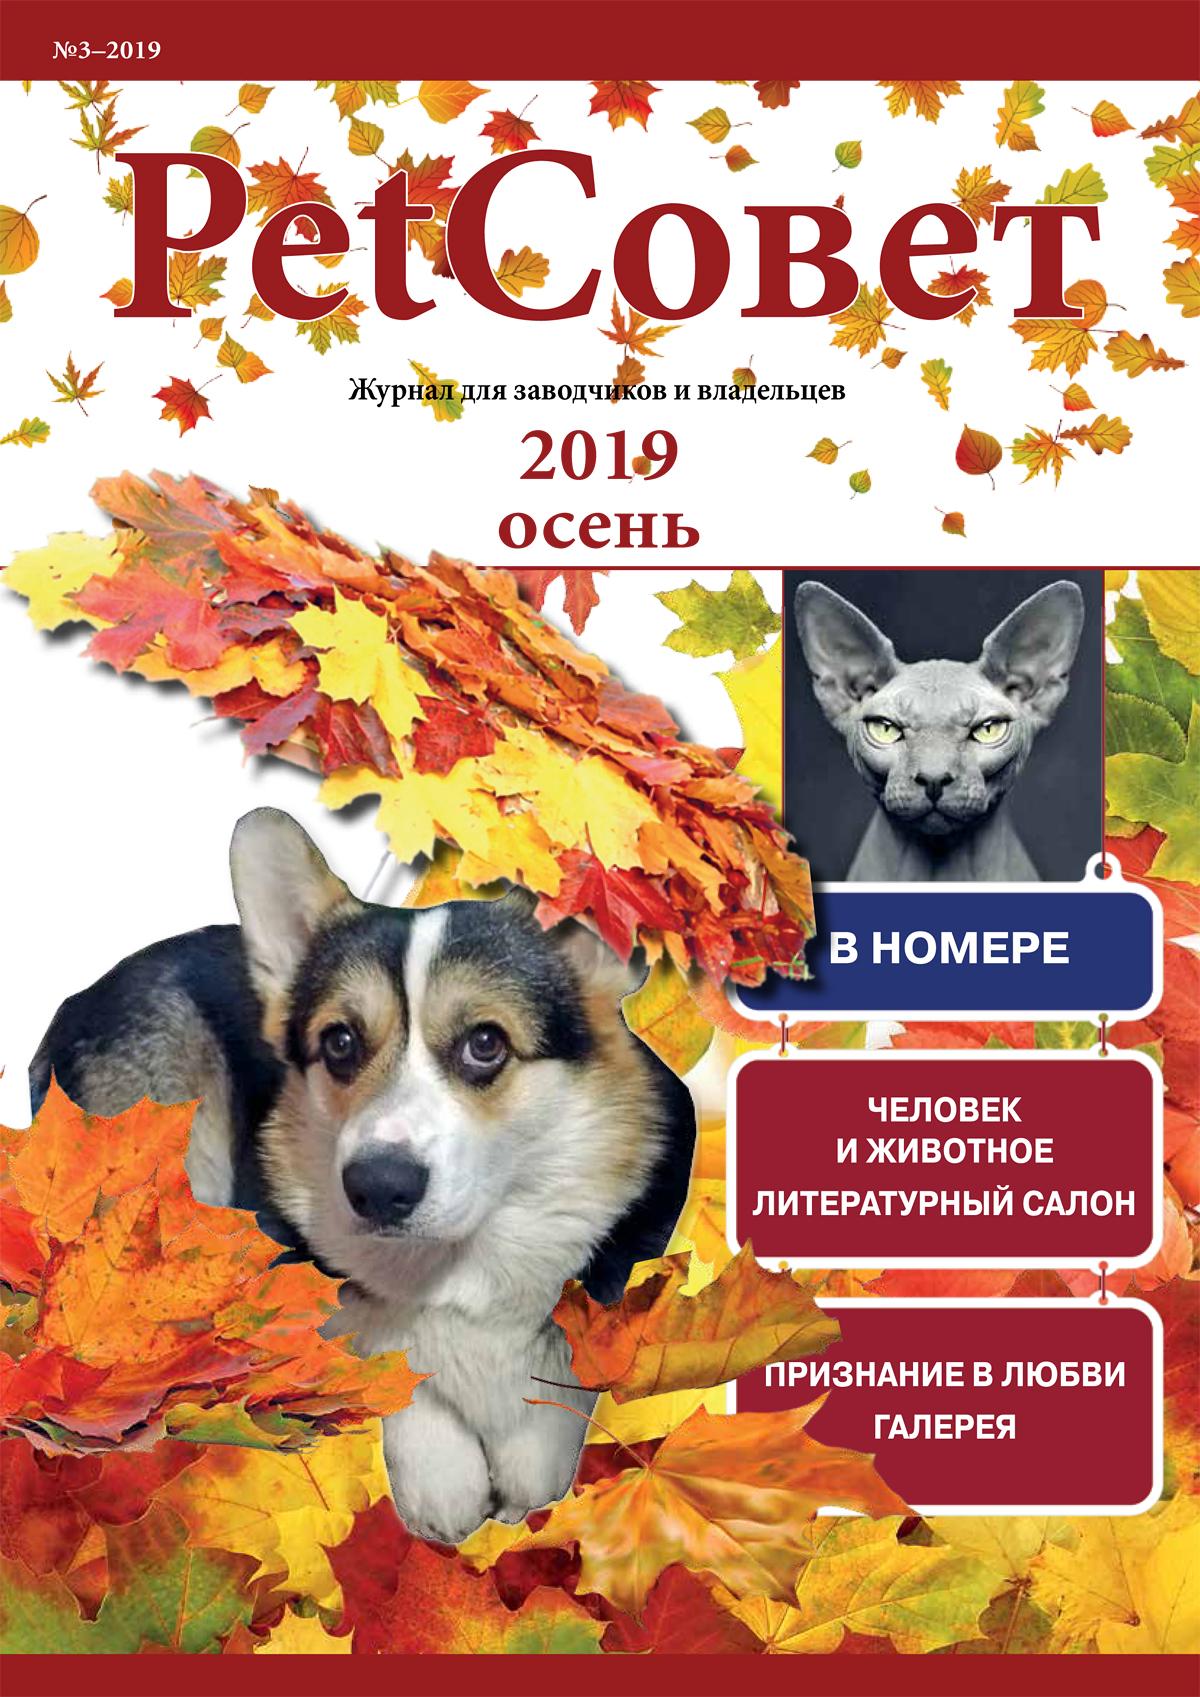 PetСовет №3-2019